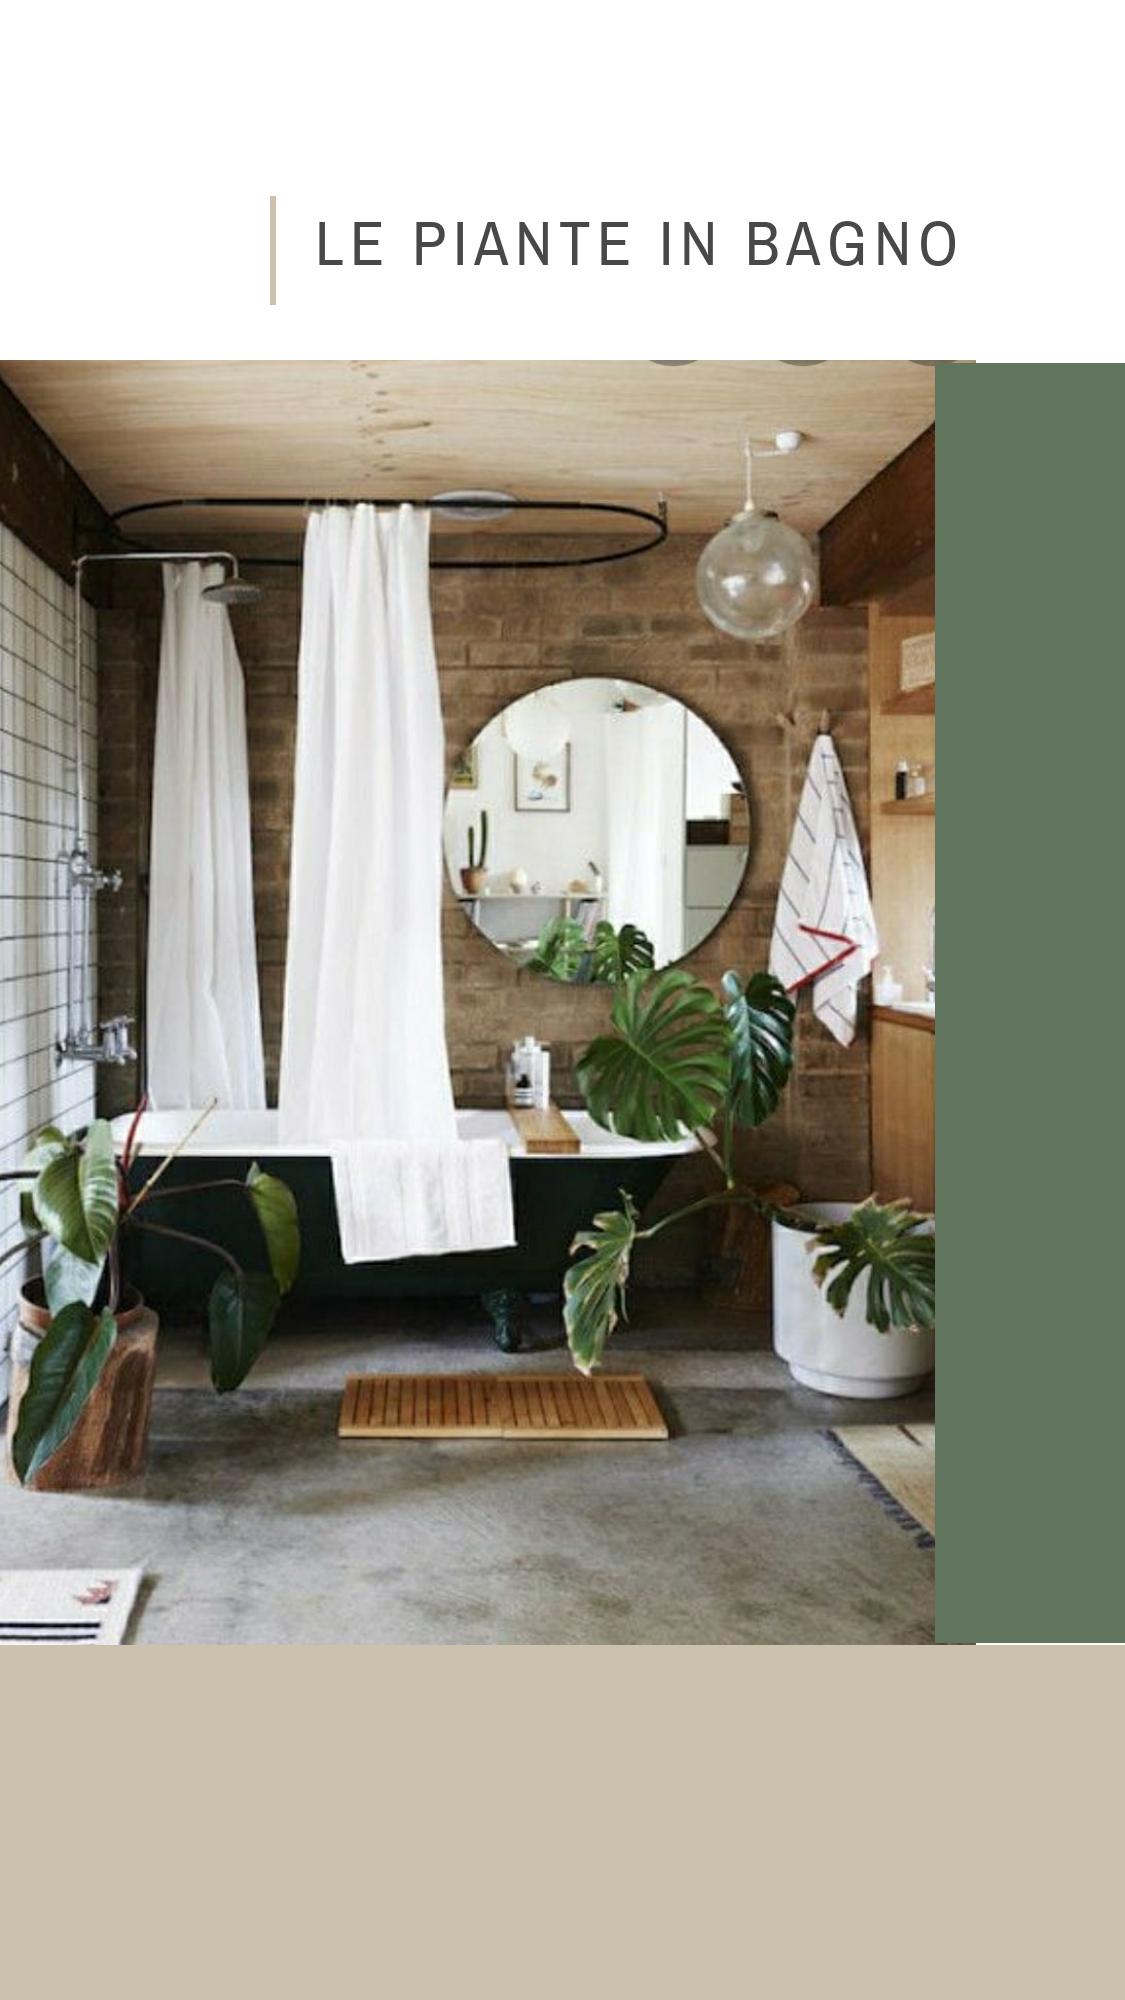 Come Far Morire Una Pianta le piante in bagno - giorgio gravina architetto